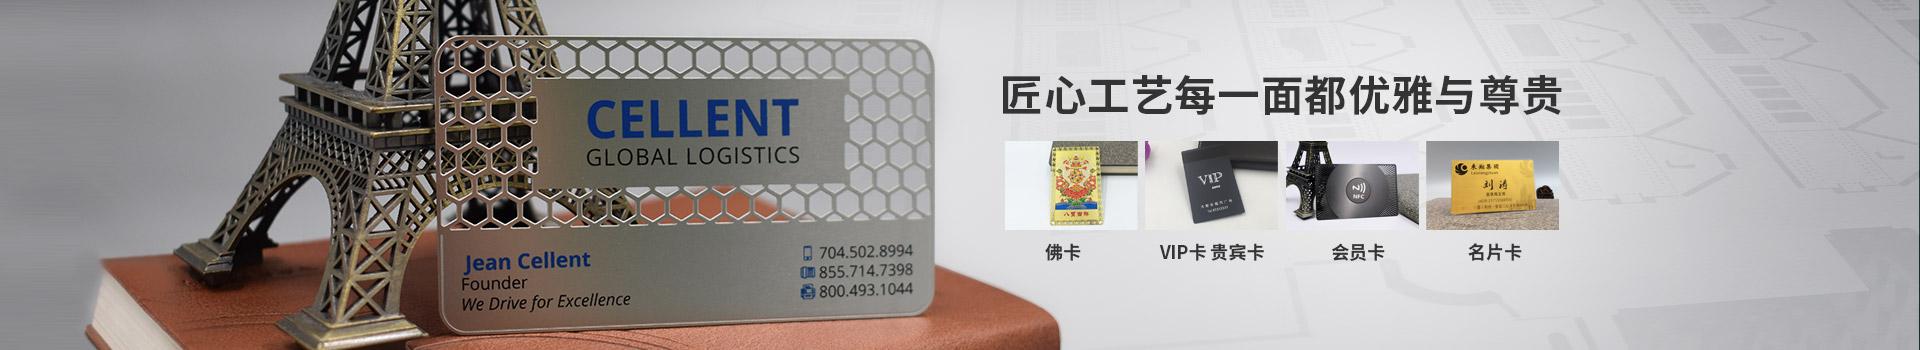 金强人金属卡定制:佛卡 | VIP卡 贵宾卡| 会员卡 |收藏卡